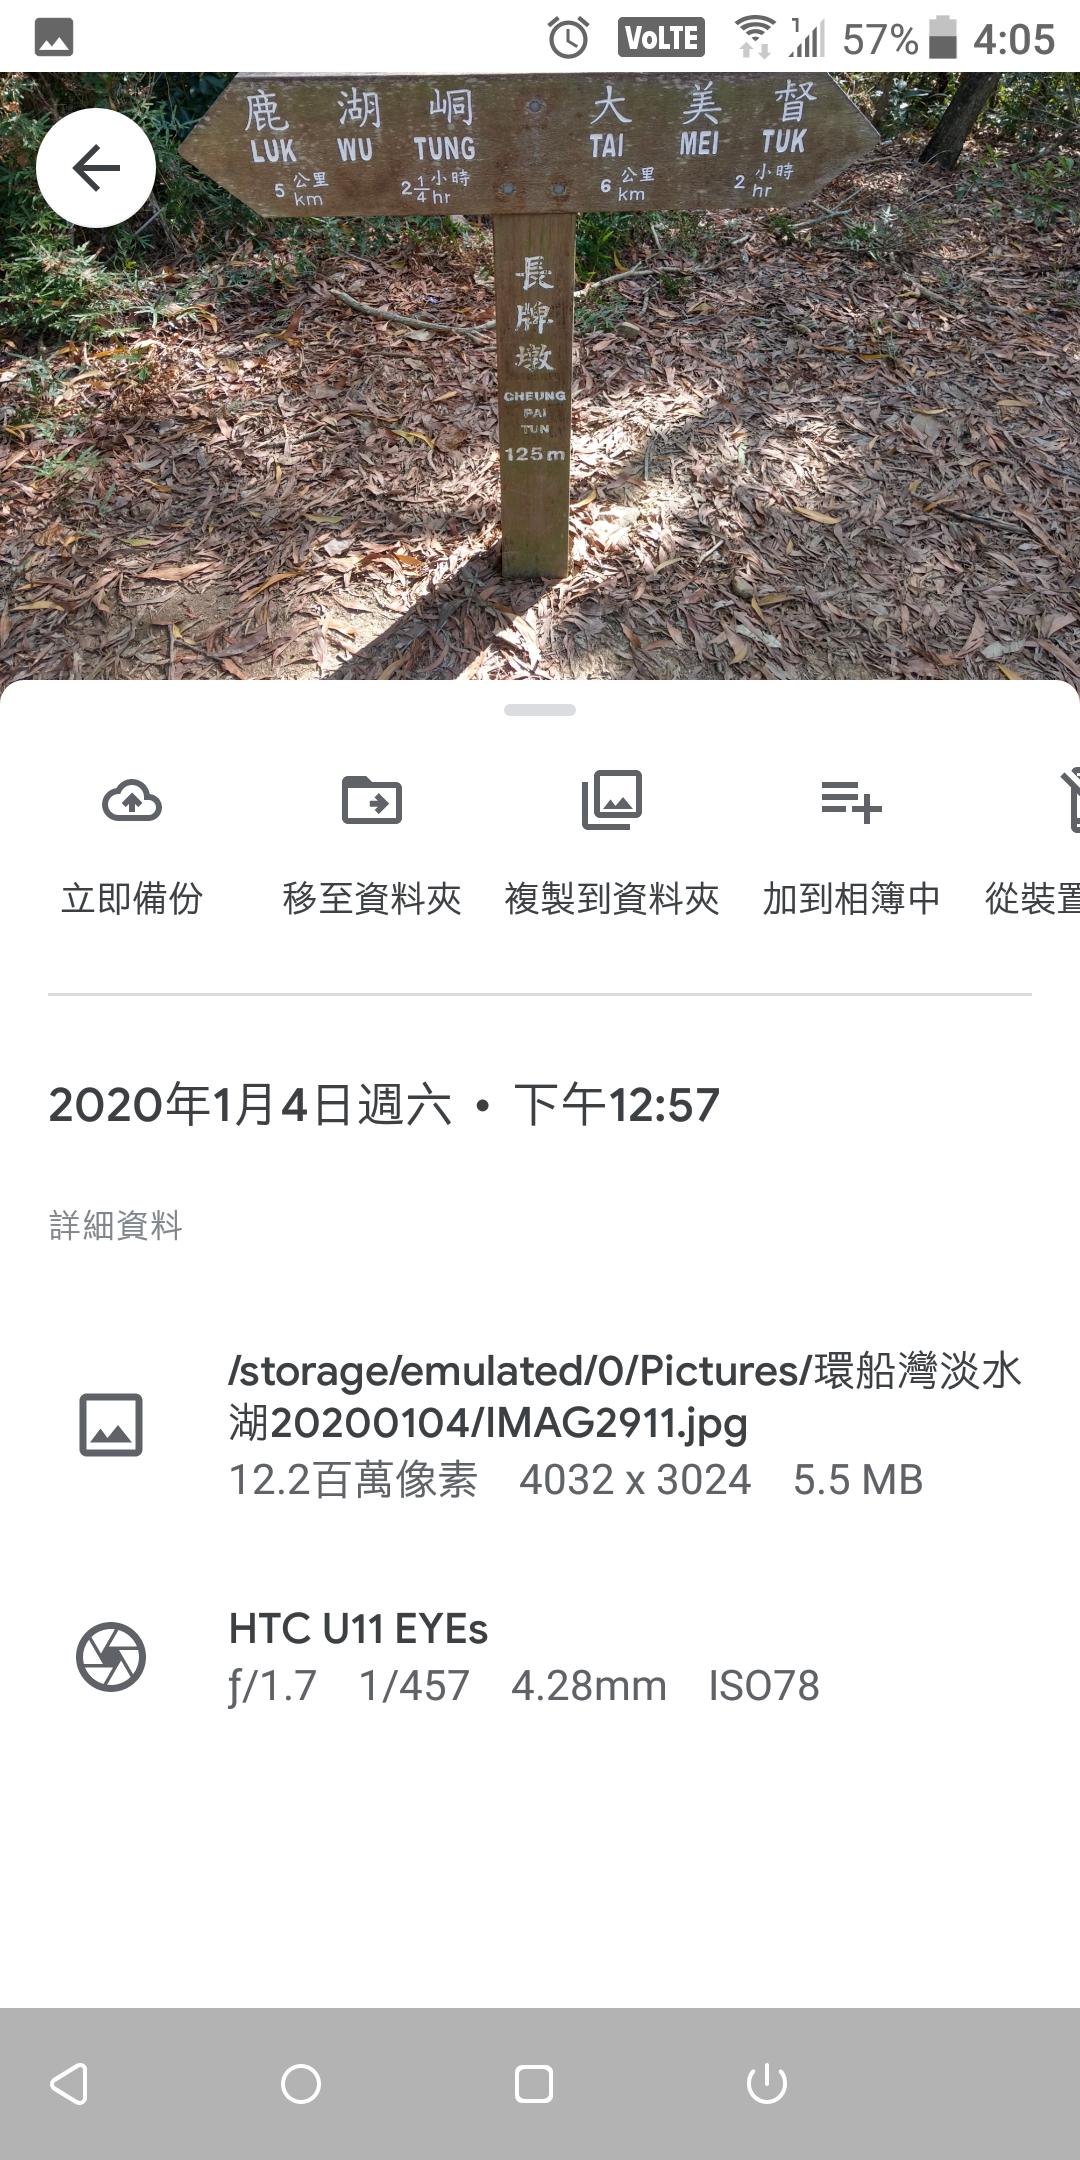 https://upload.cc/i1/2020/01/04/JacEsG.png